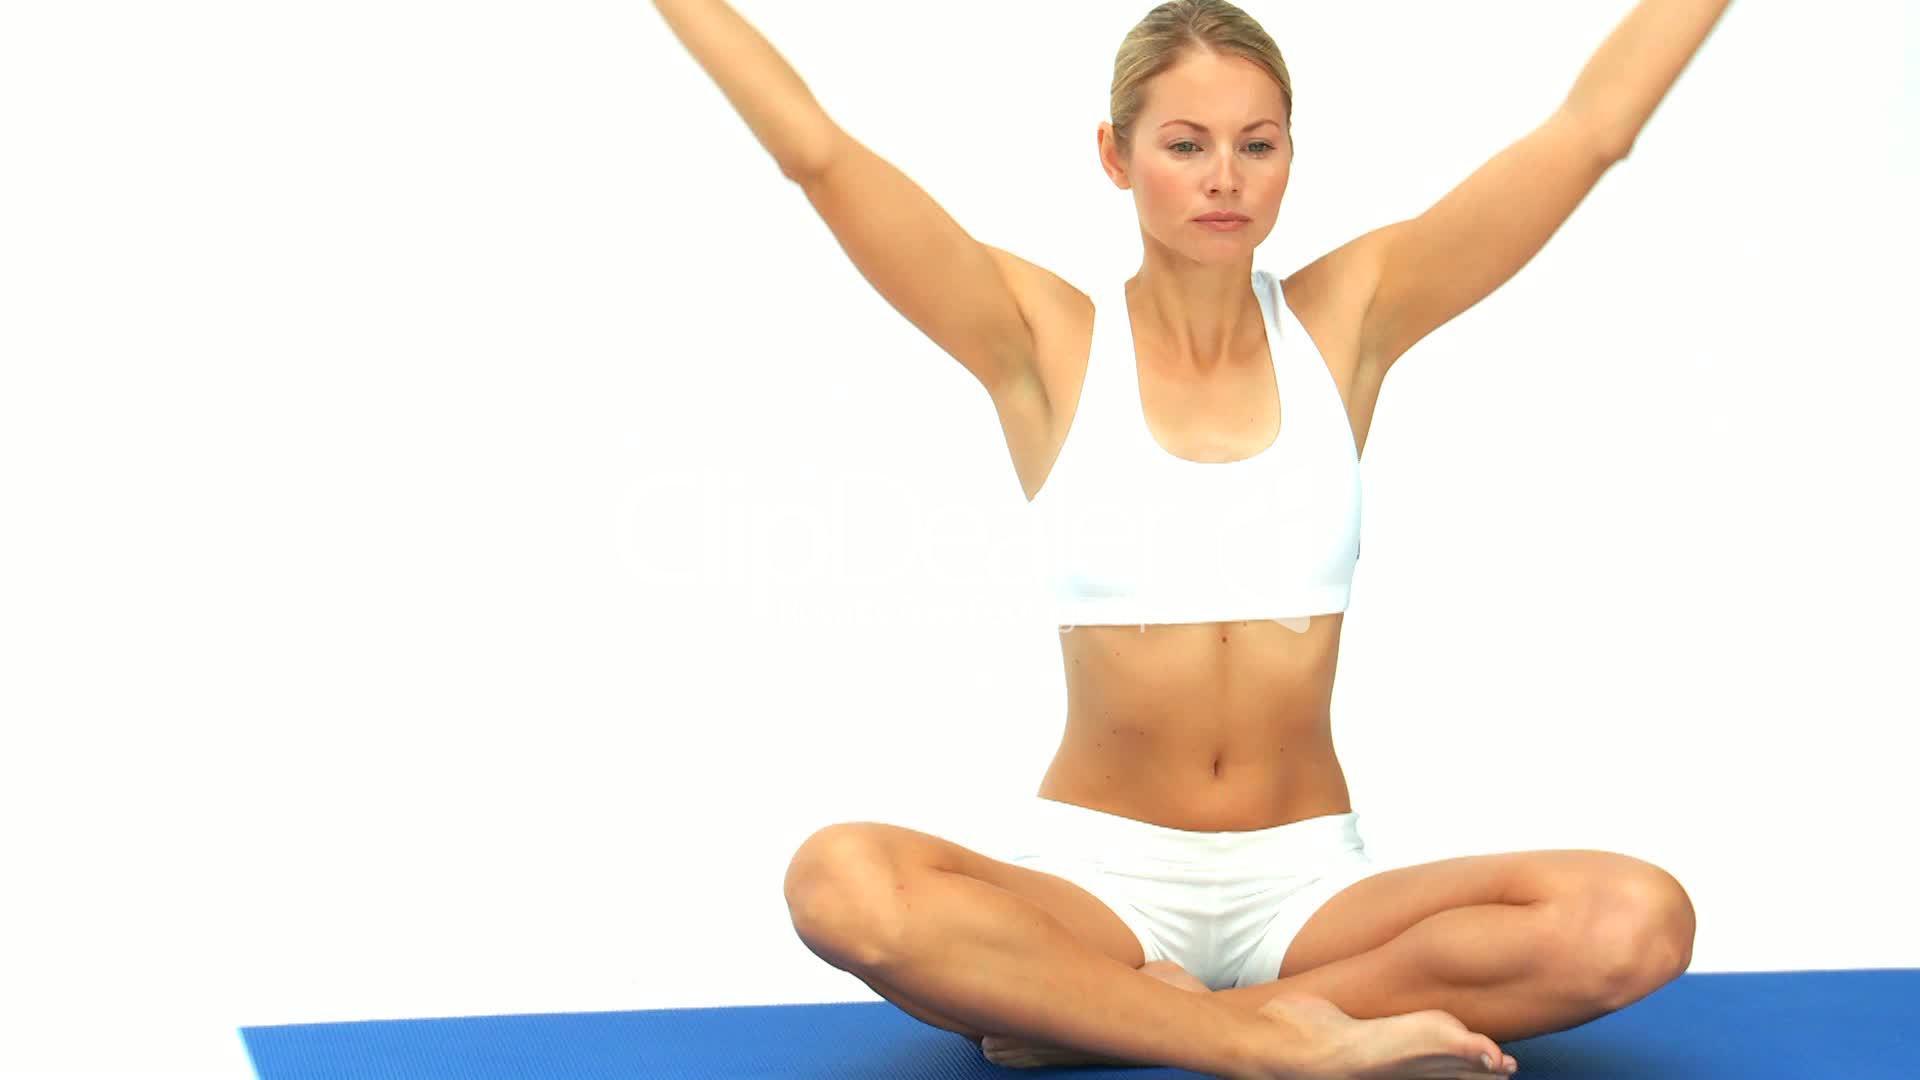 Дыхание Йогов И Похудение. Дыхательная гимнастика для похудения: упражнения и отзывы